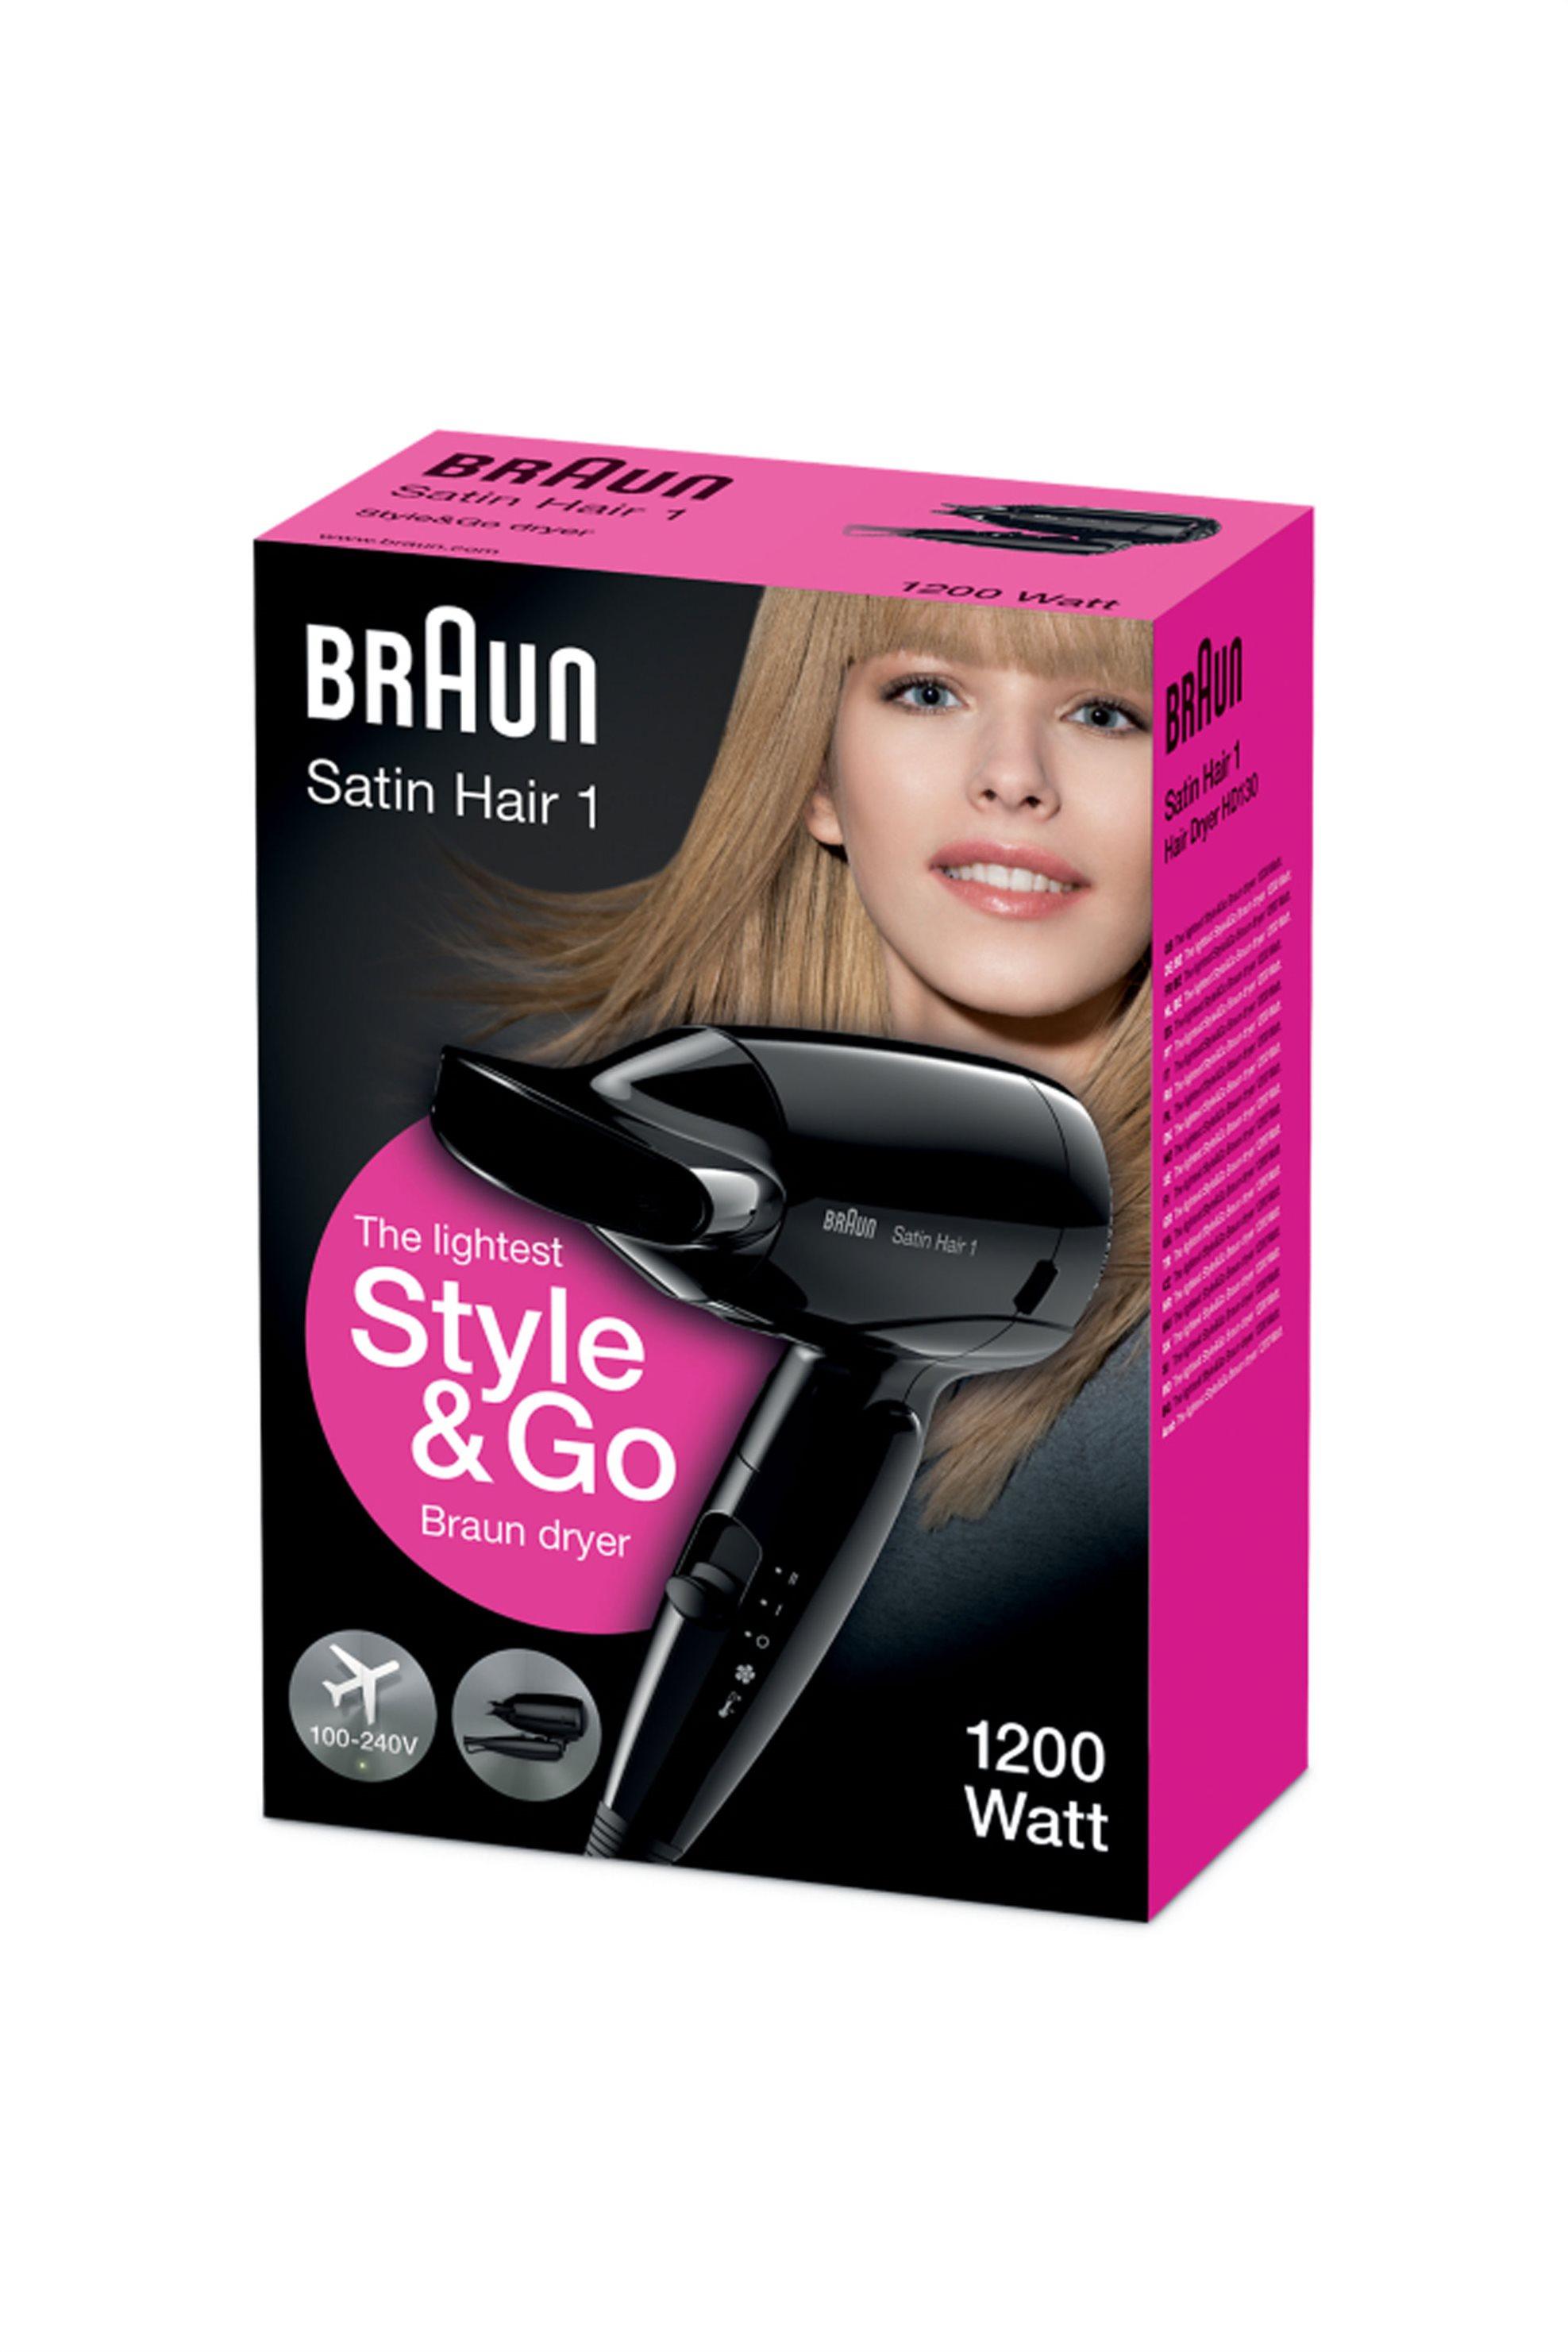 Σεσουάρ ταξιδίου 1200W HD130 Braun - HD130 συσκευεσ περιποιησησ   πιστολάκια μαλλιών